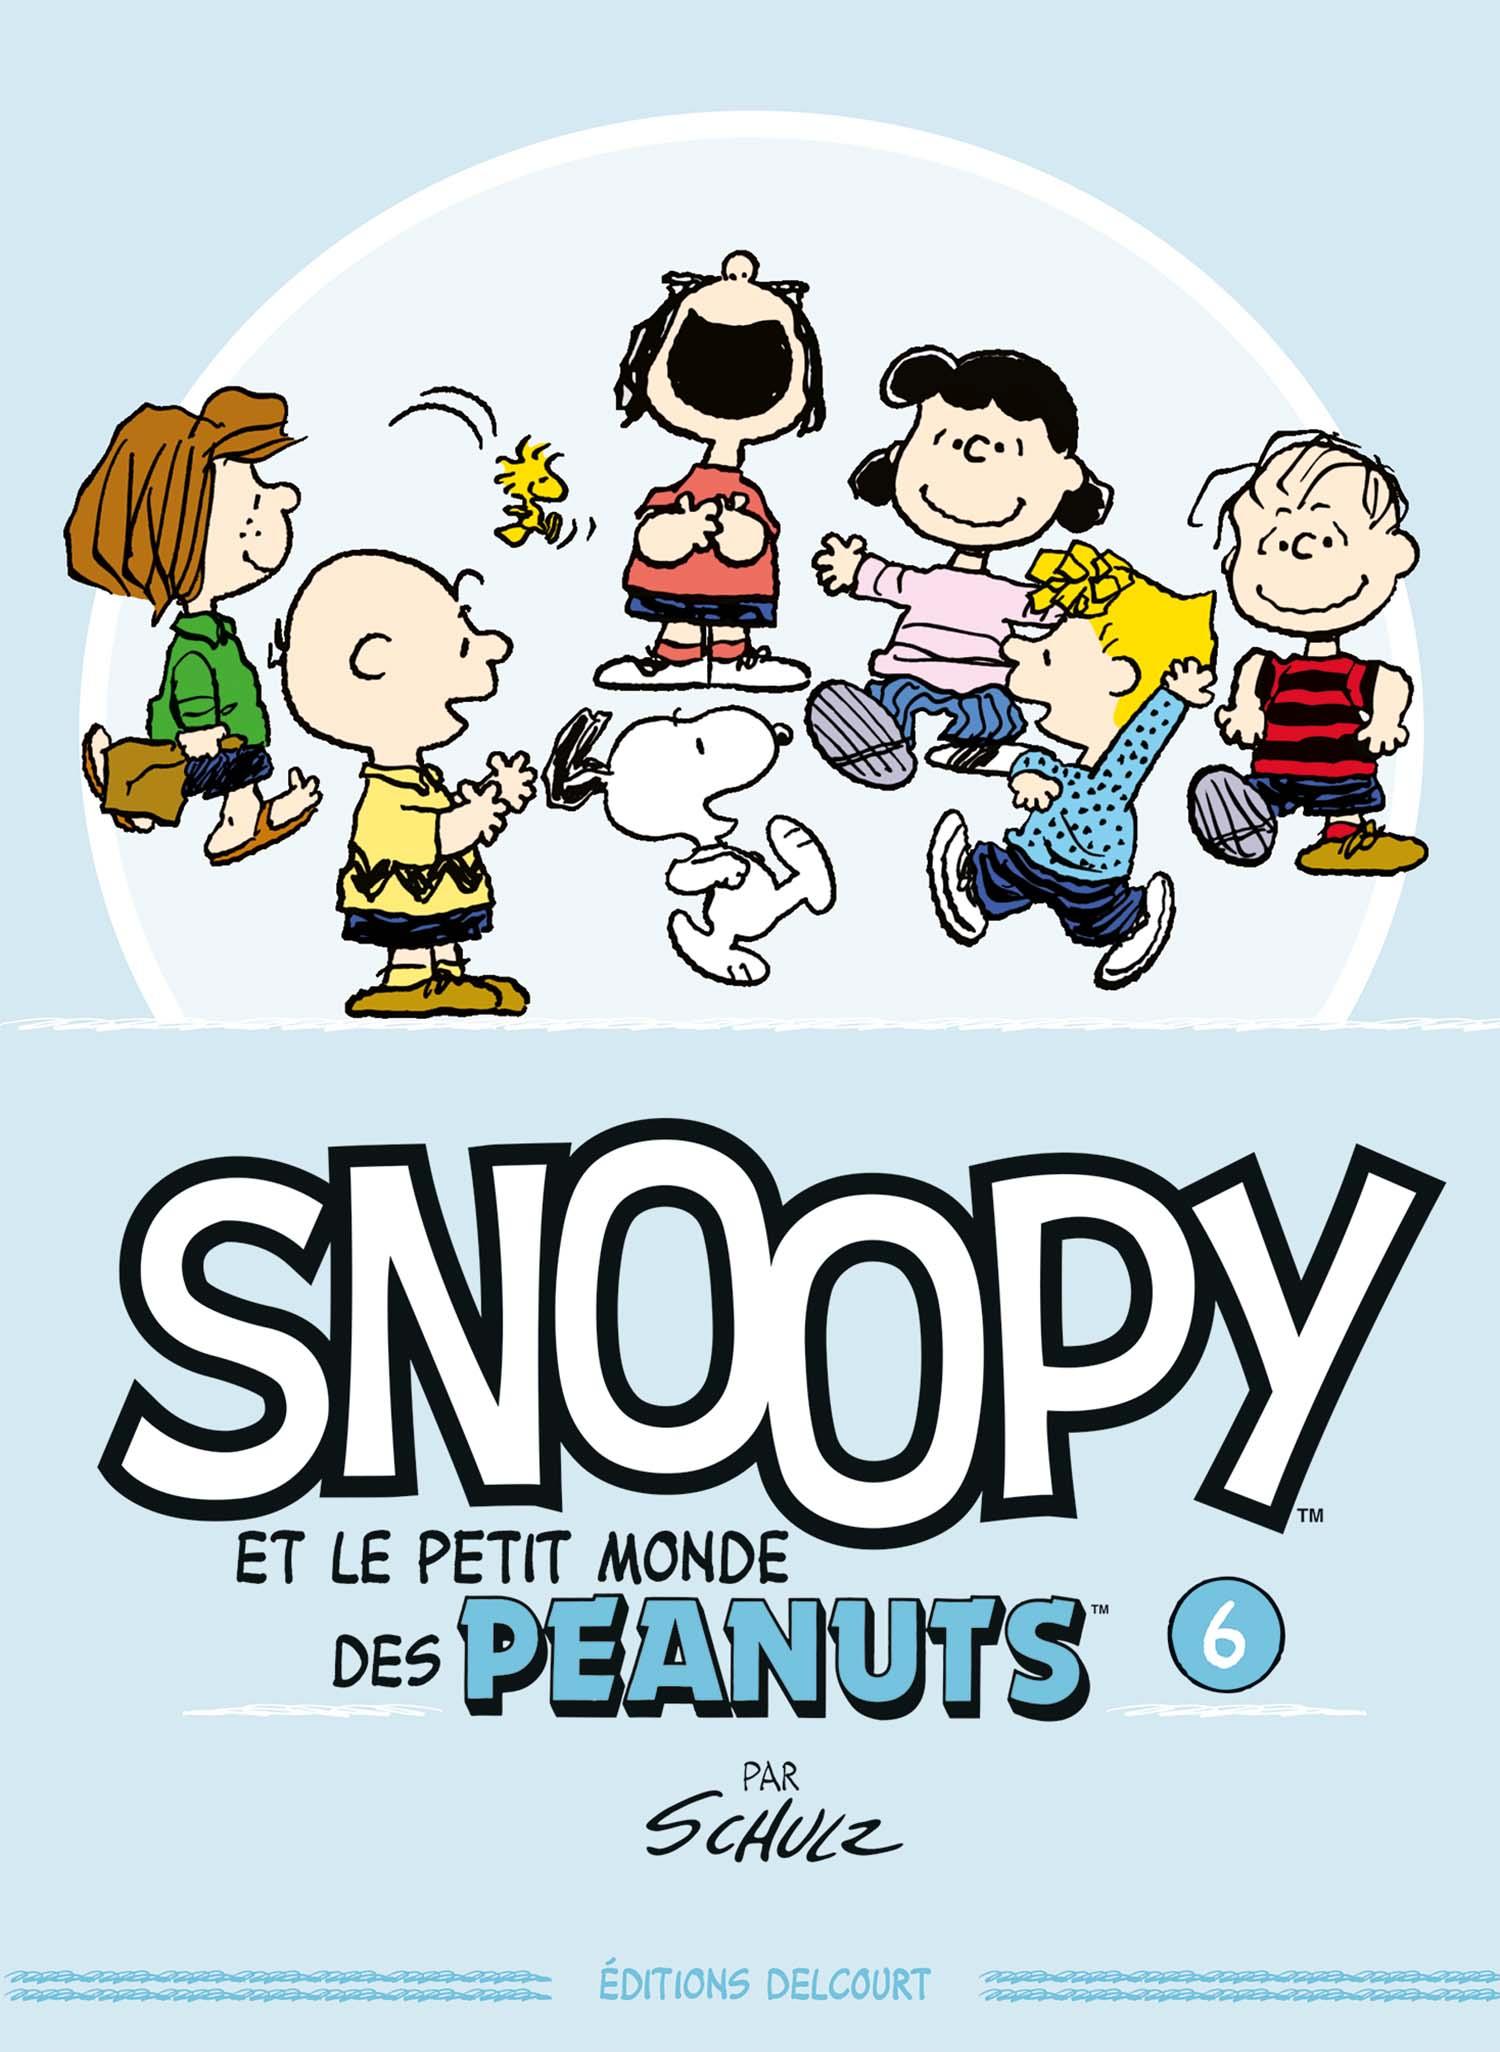 Snoopy et le petit monde des peanuts 6